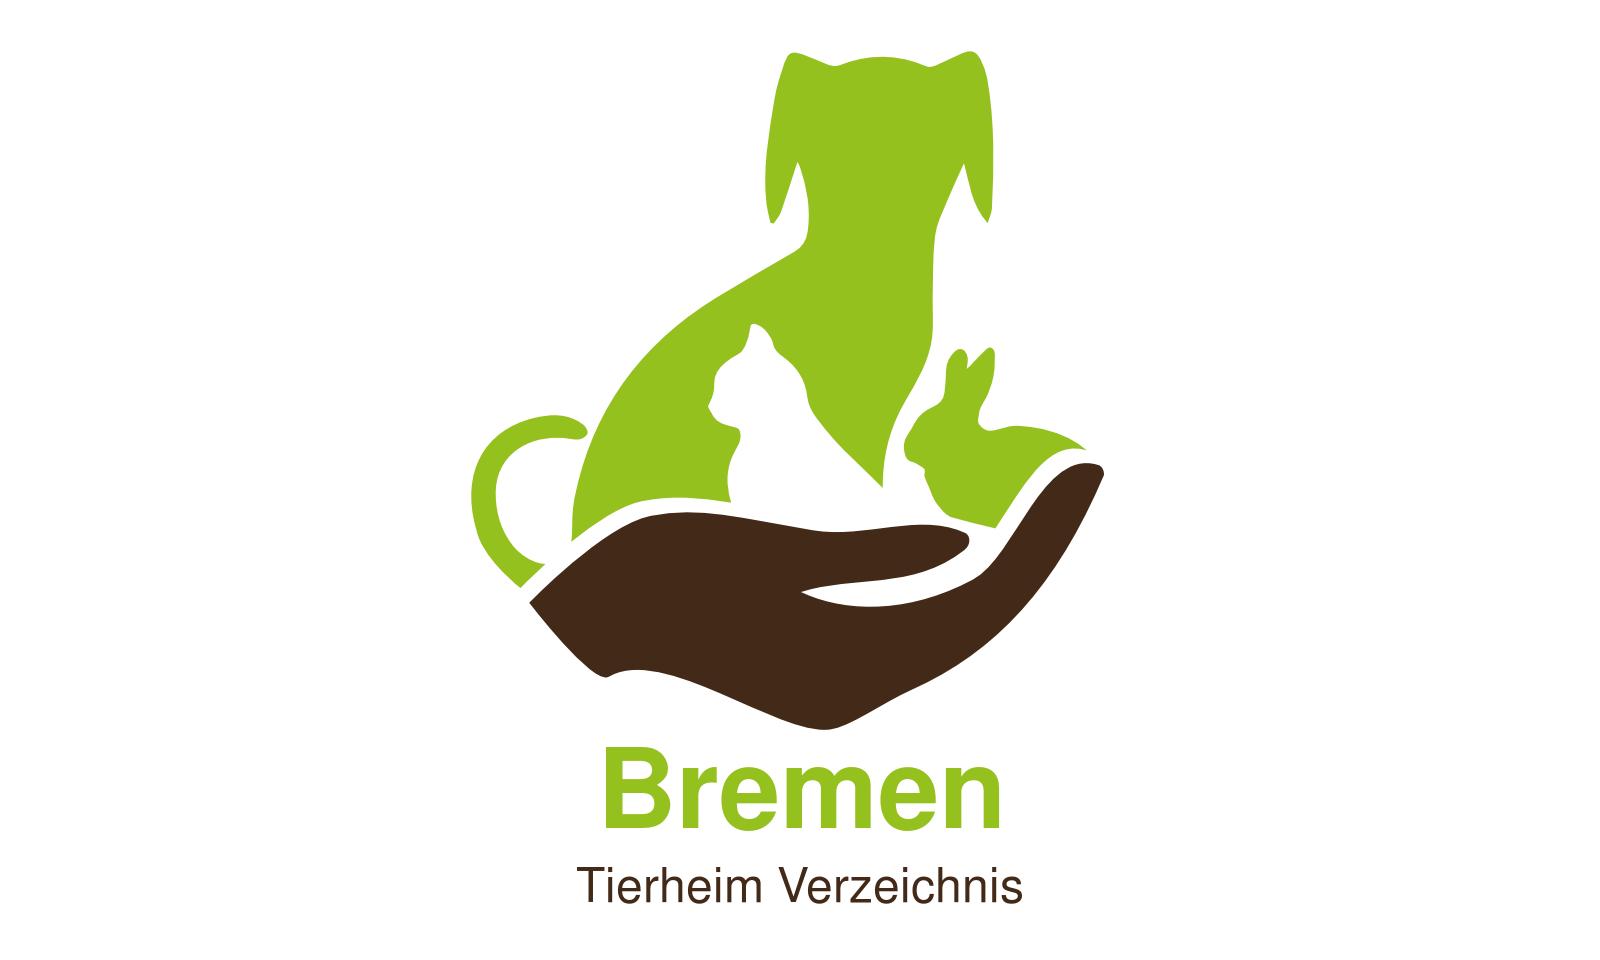 Tierheim Bremen